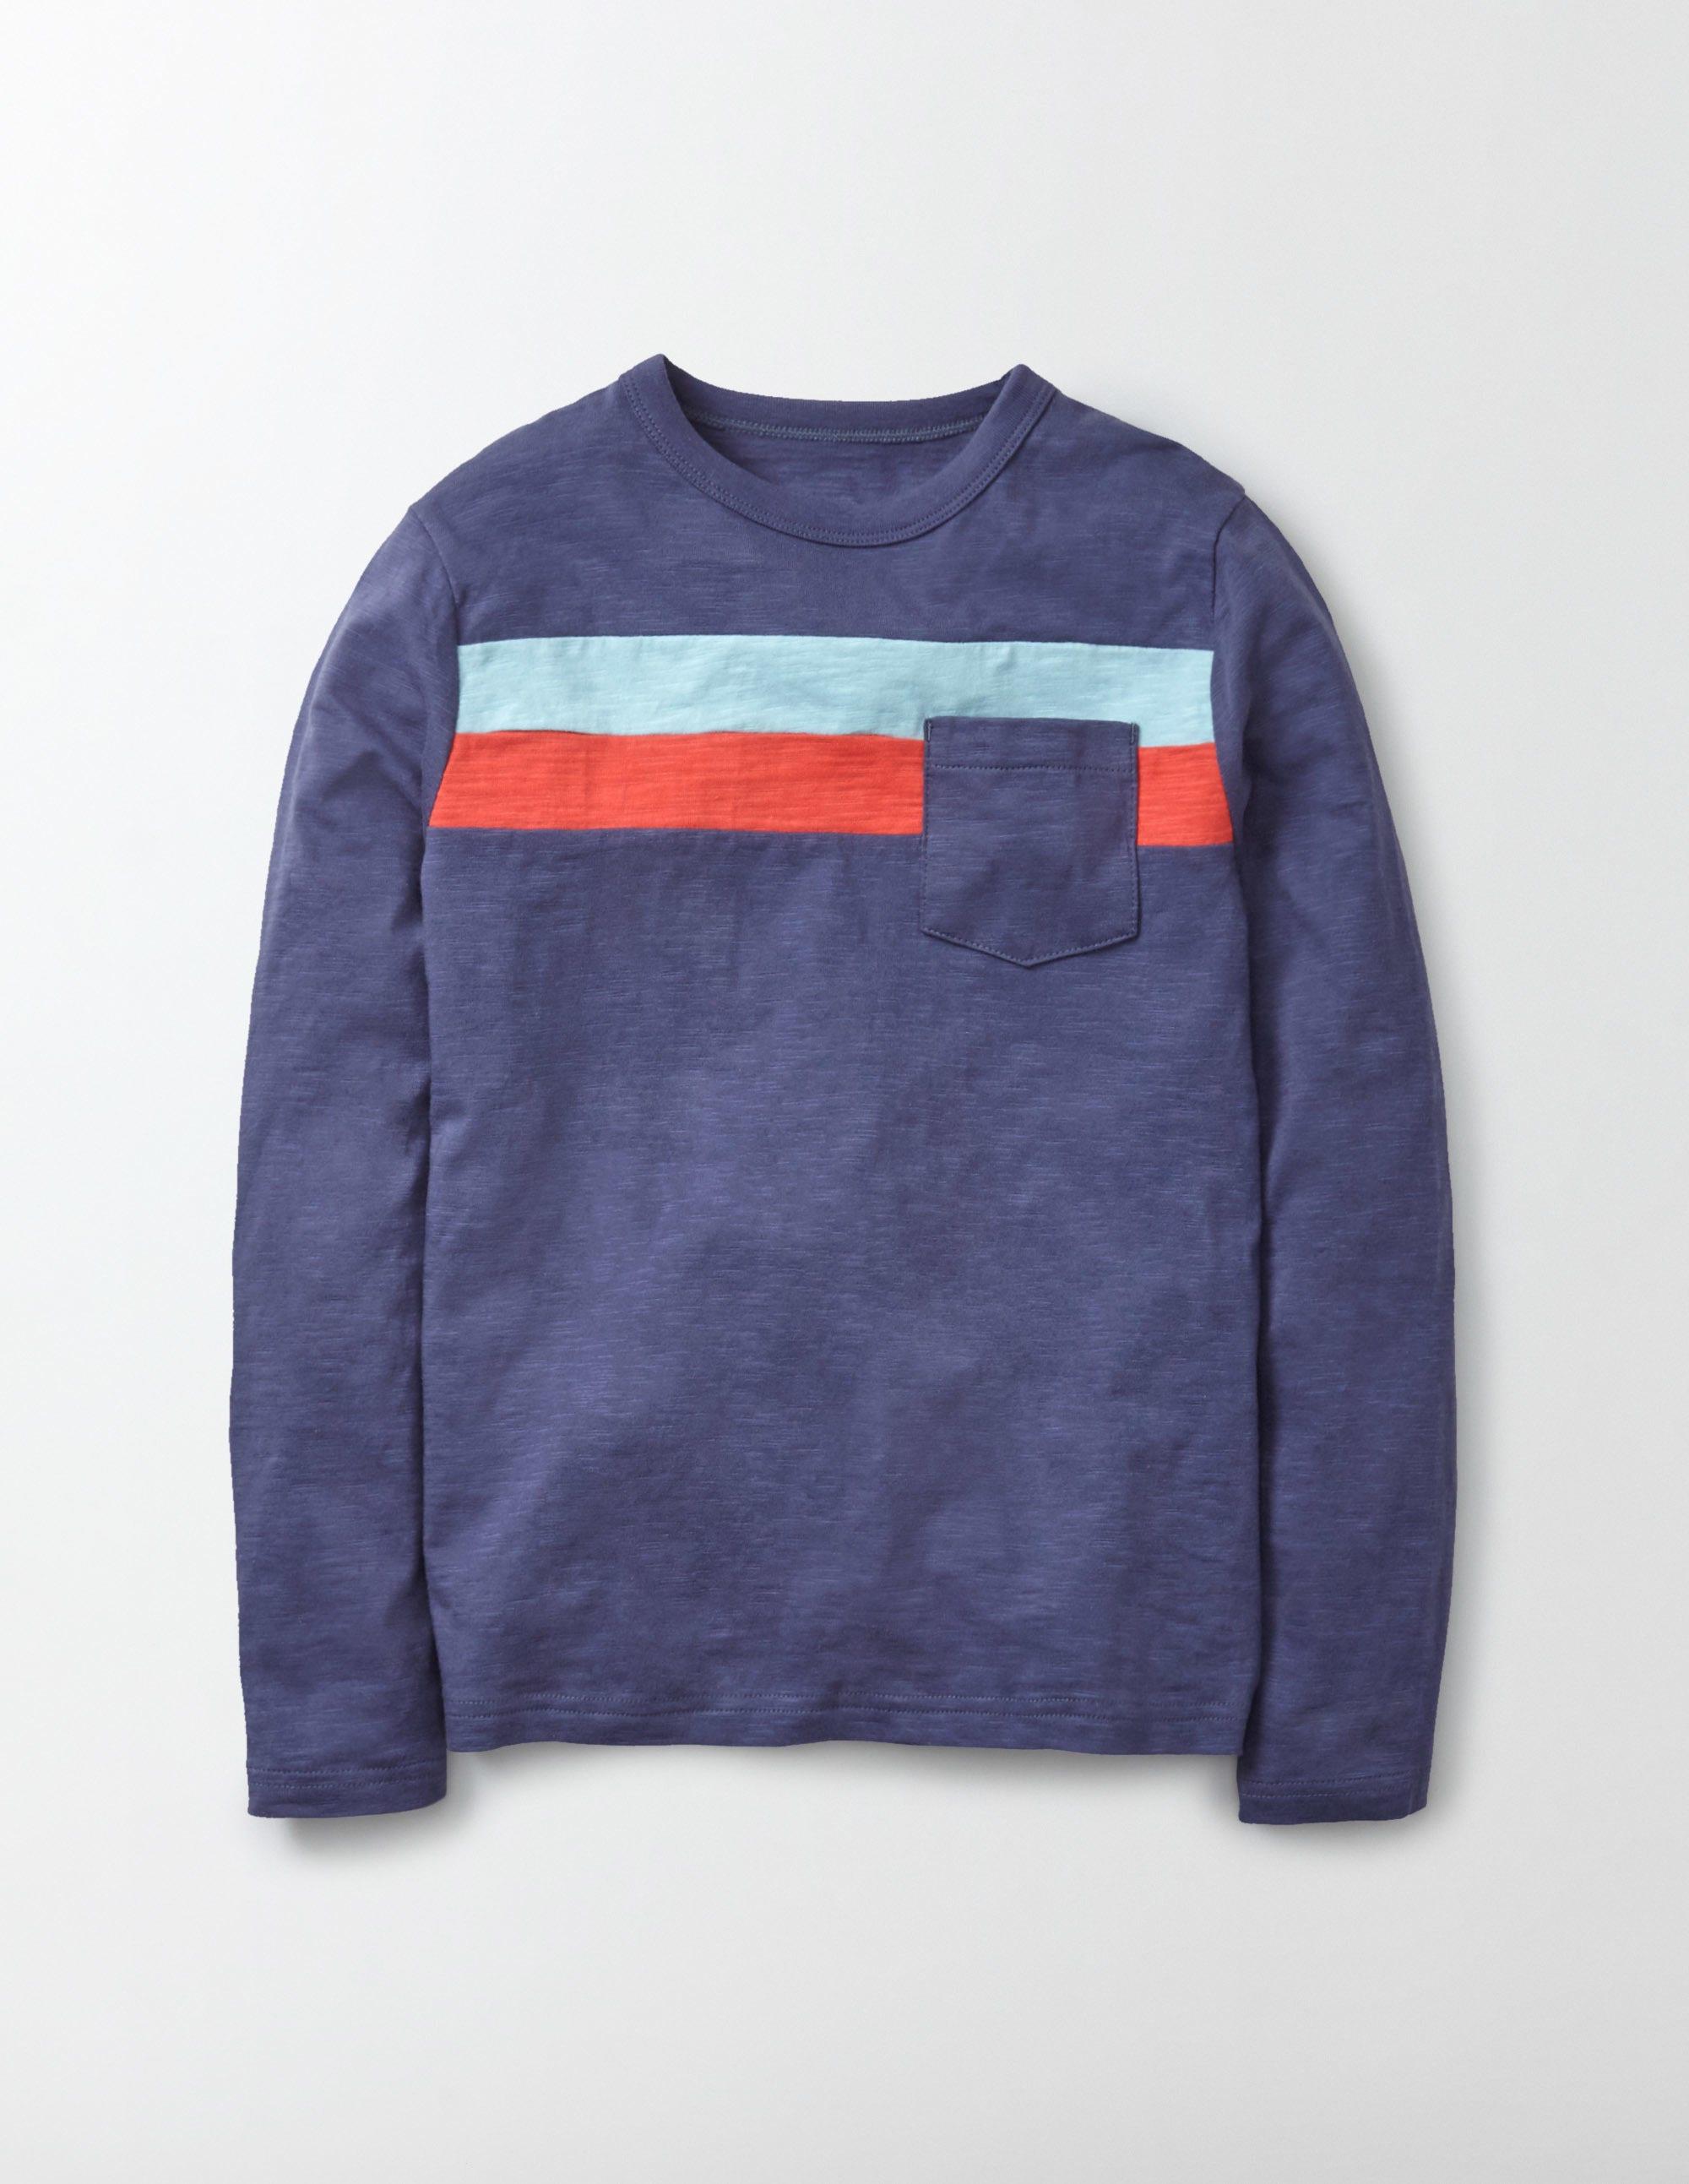 Boden t shirt mit surfstreifen navy jungen boden g nstig for Boden direkt shop